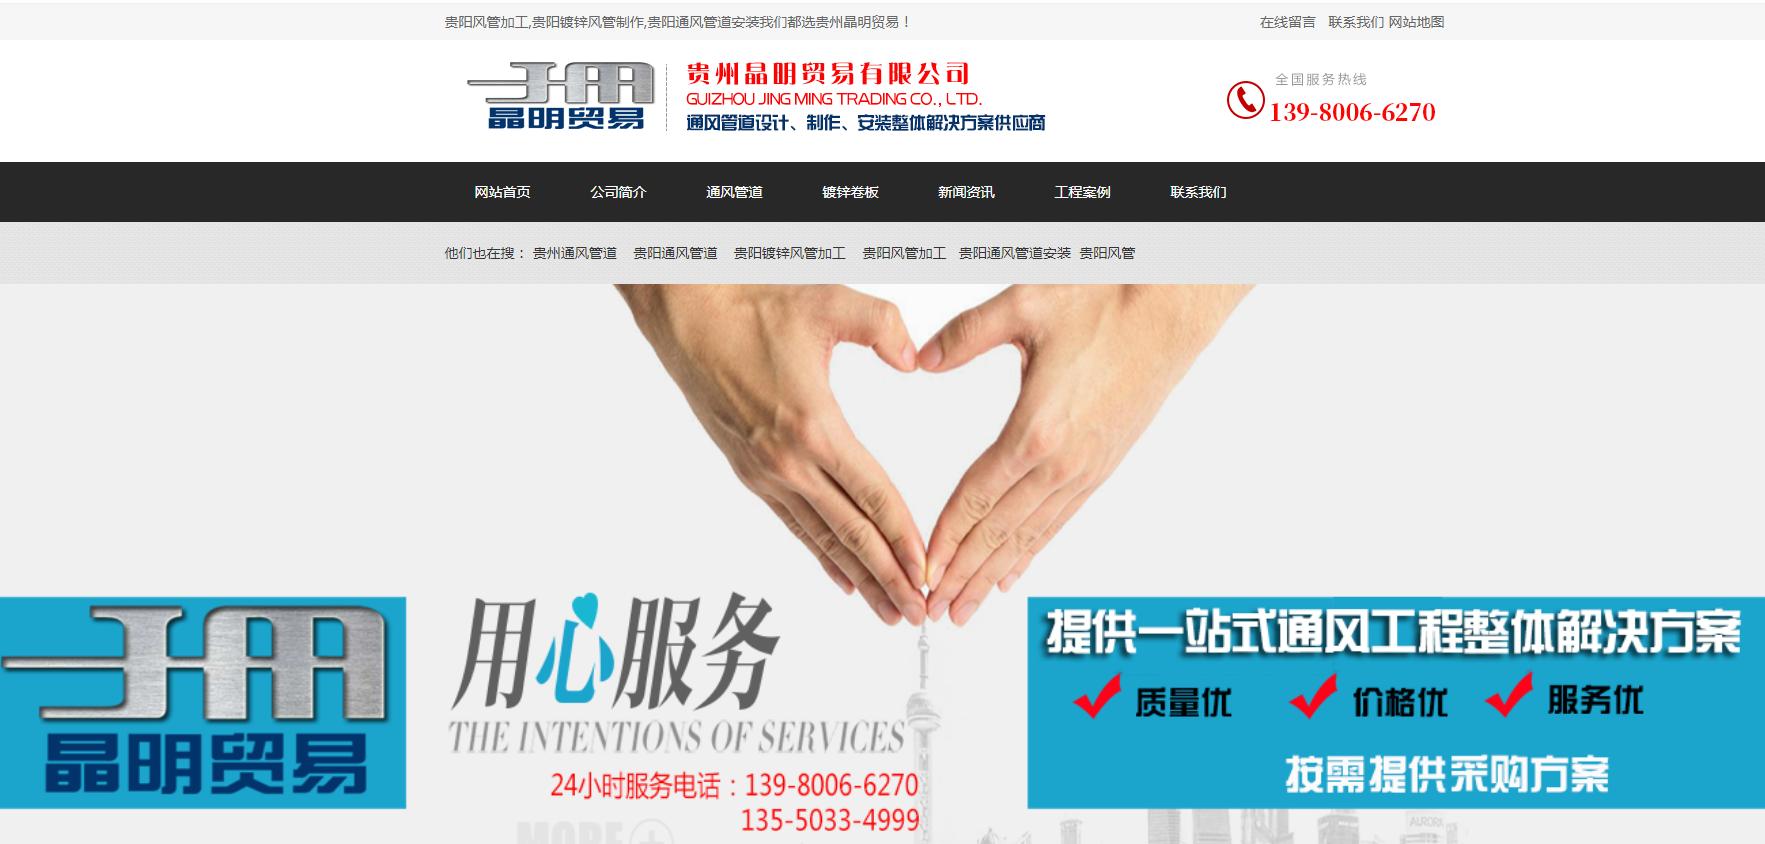 貴州通風管道網站制作案例